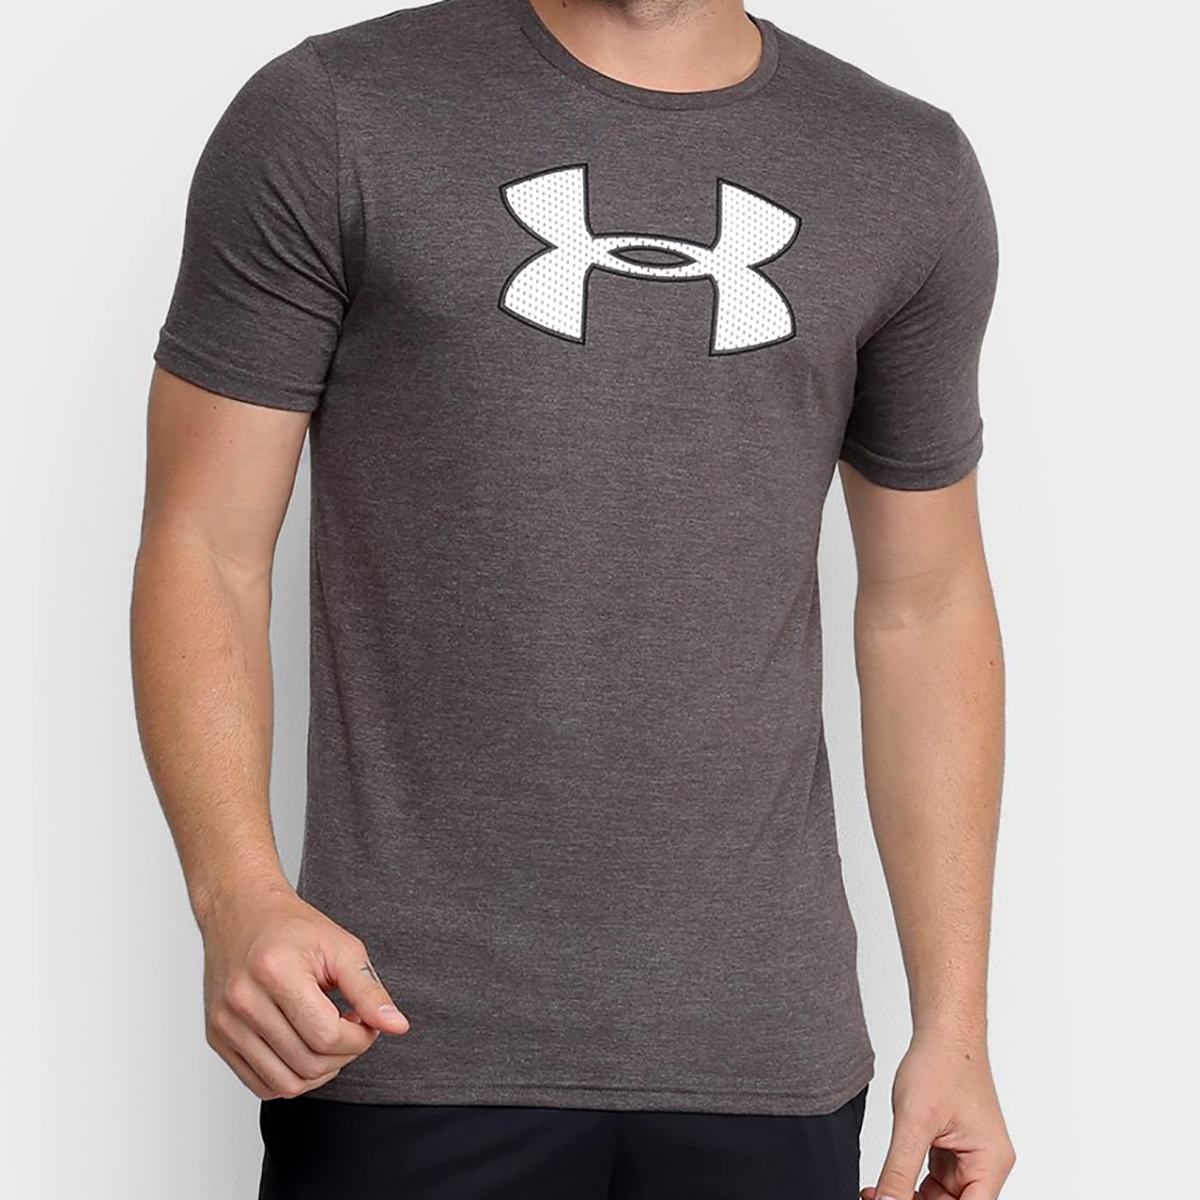 Camiseta Under Armour Big Logo Masculina - Cinza e Branco